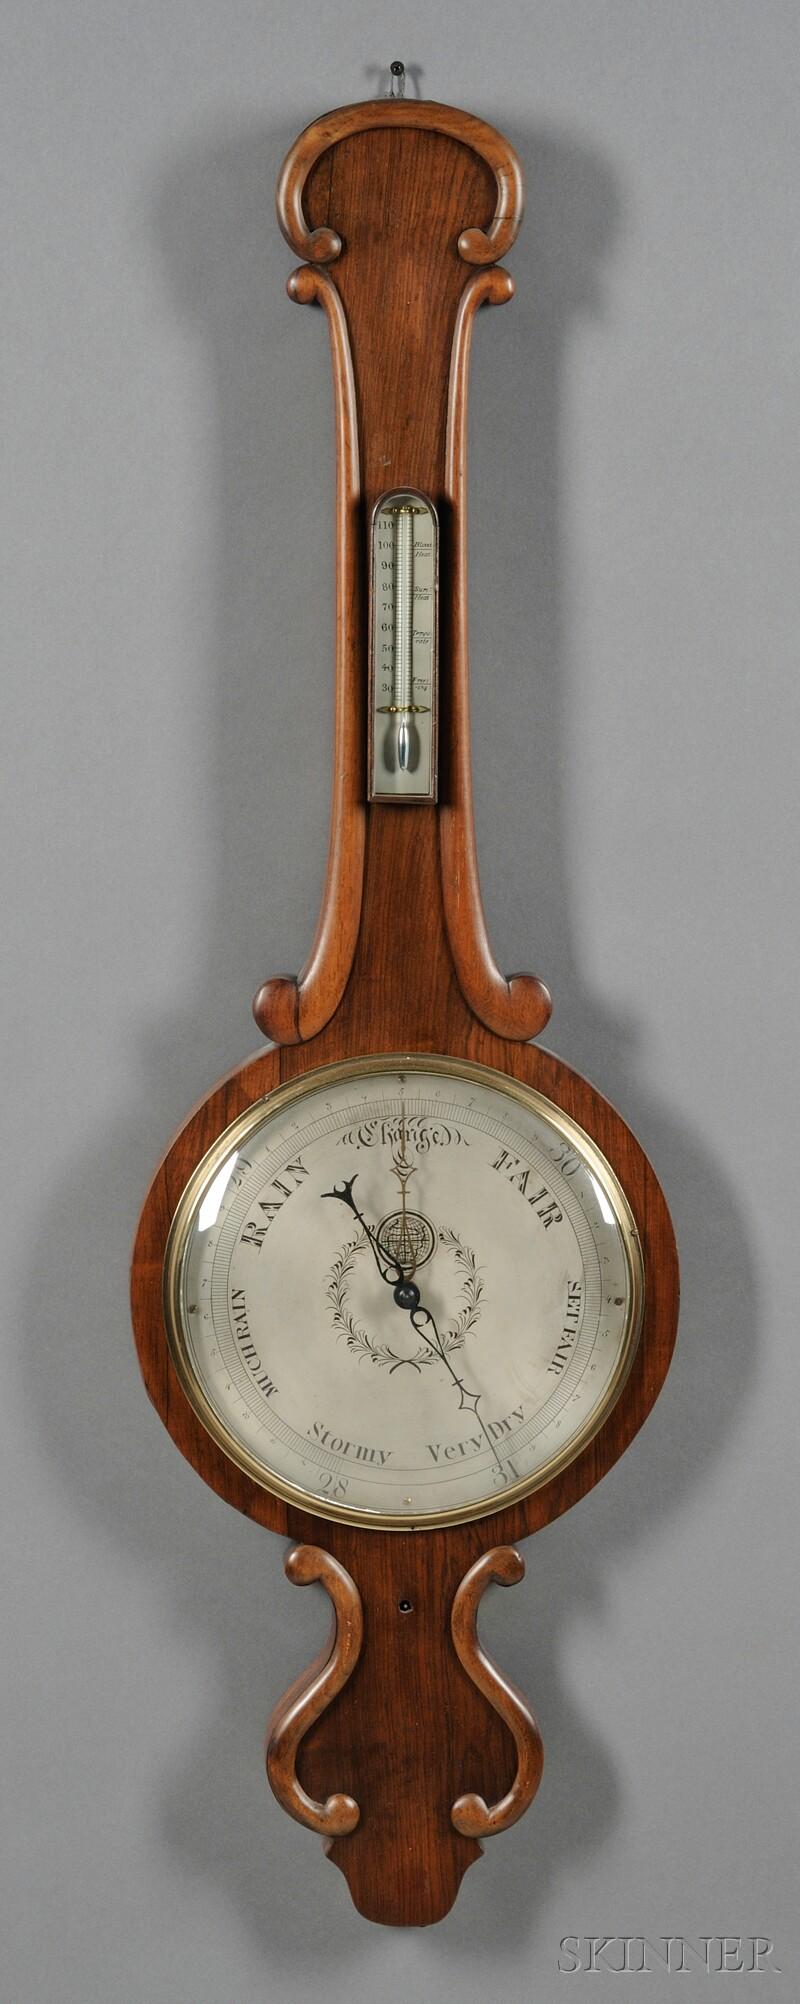 Mahogany Wheel Barometer